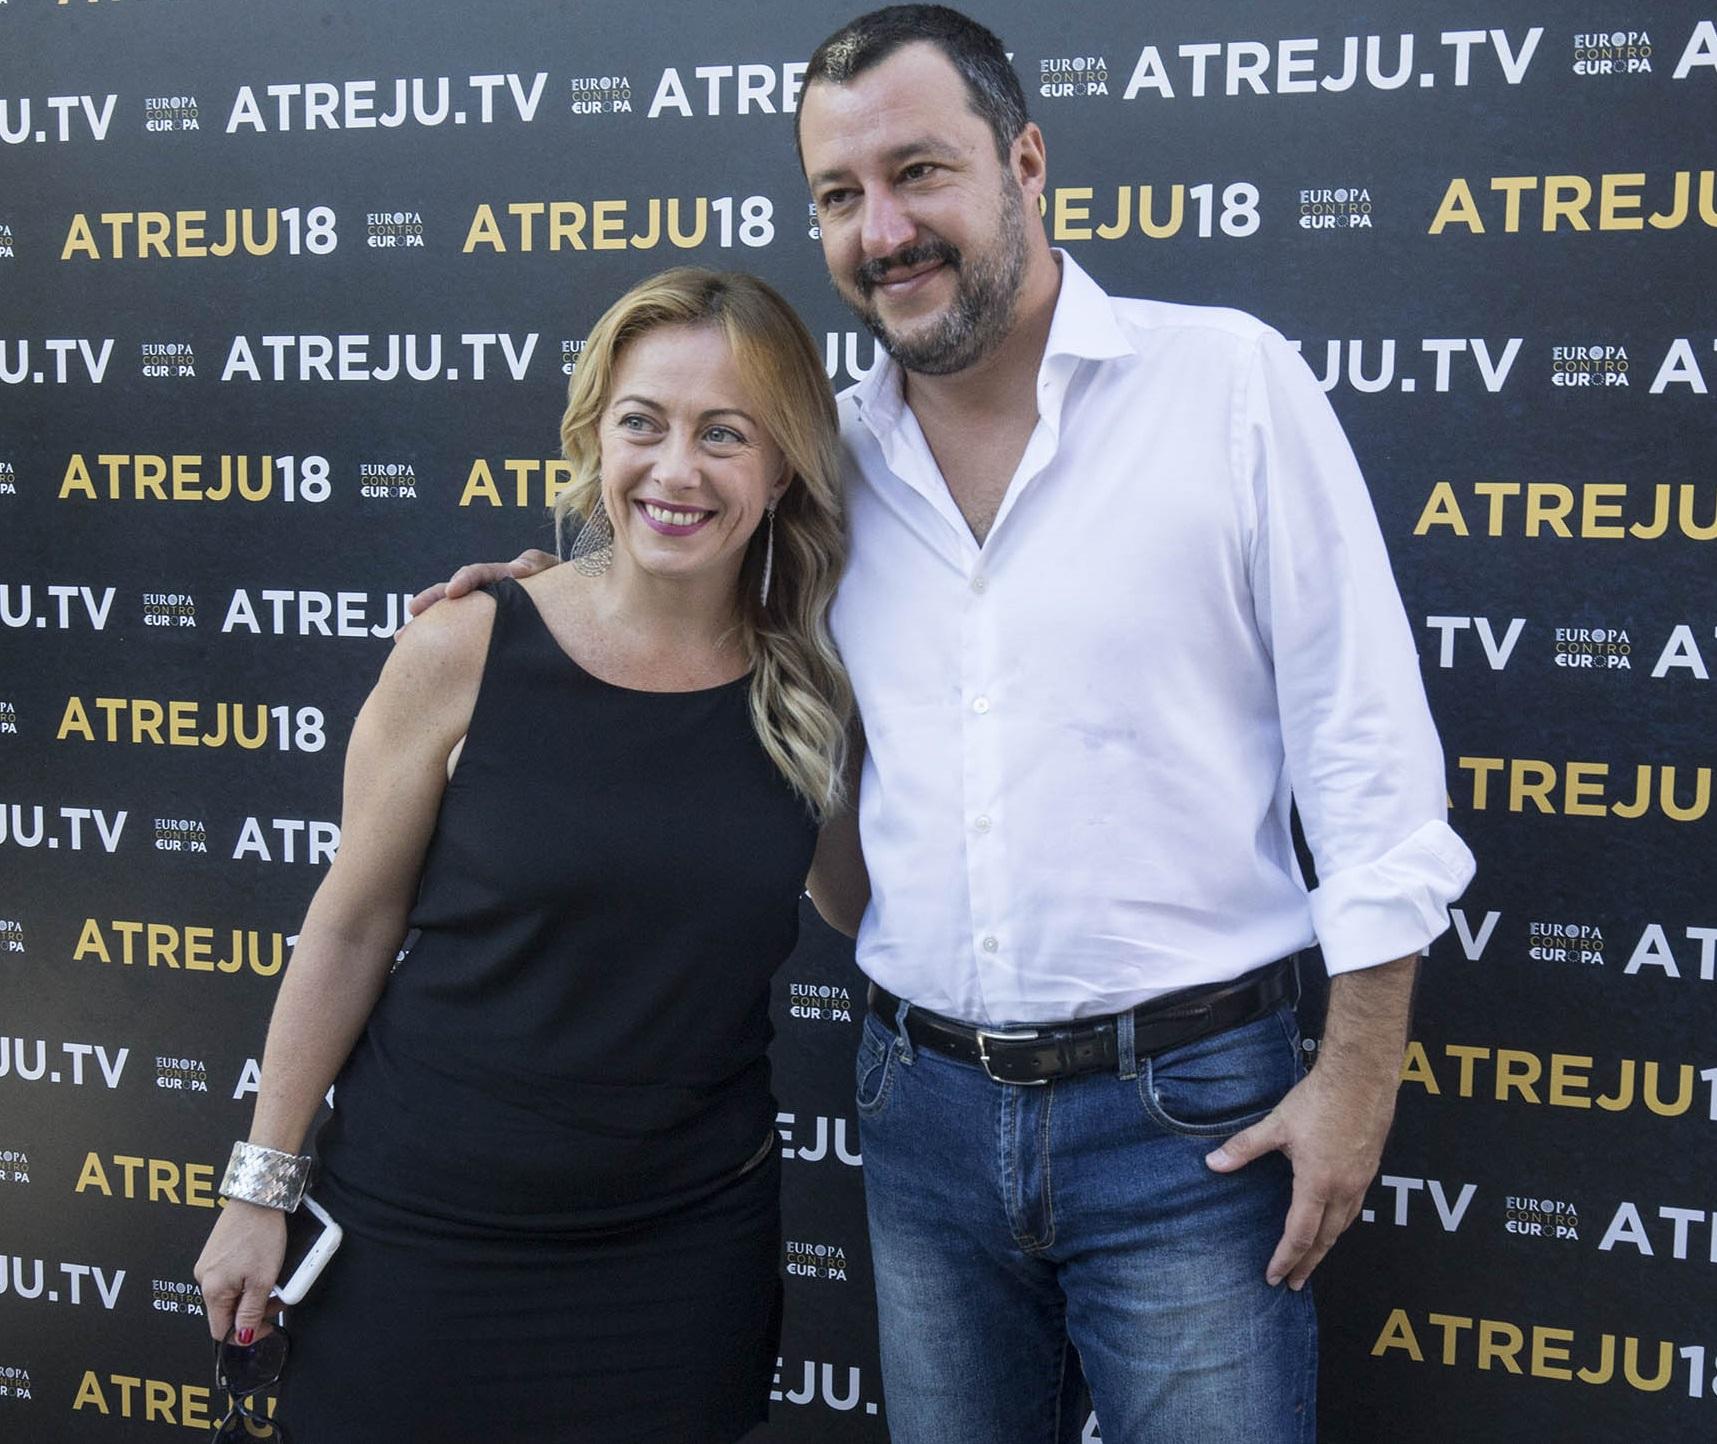 Europee, Salvini già lavora al dopo Lega-M5S (insieme con la Meloni?)